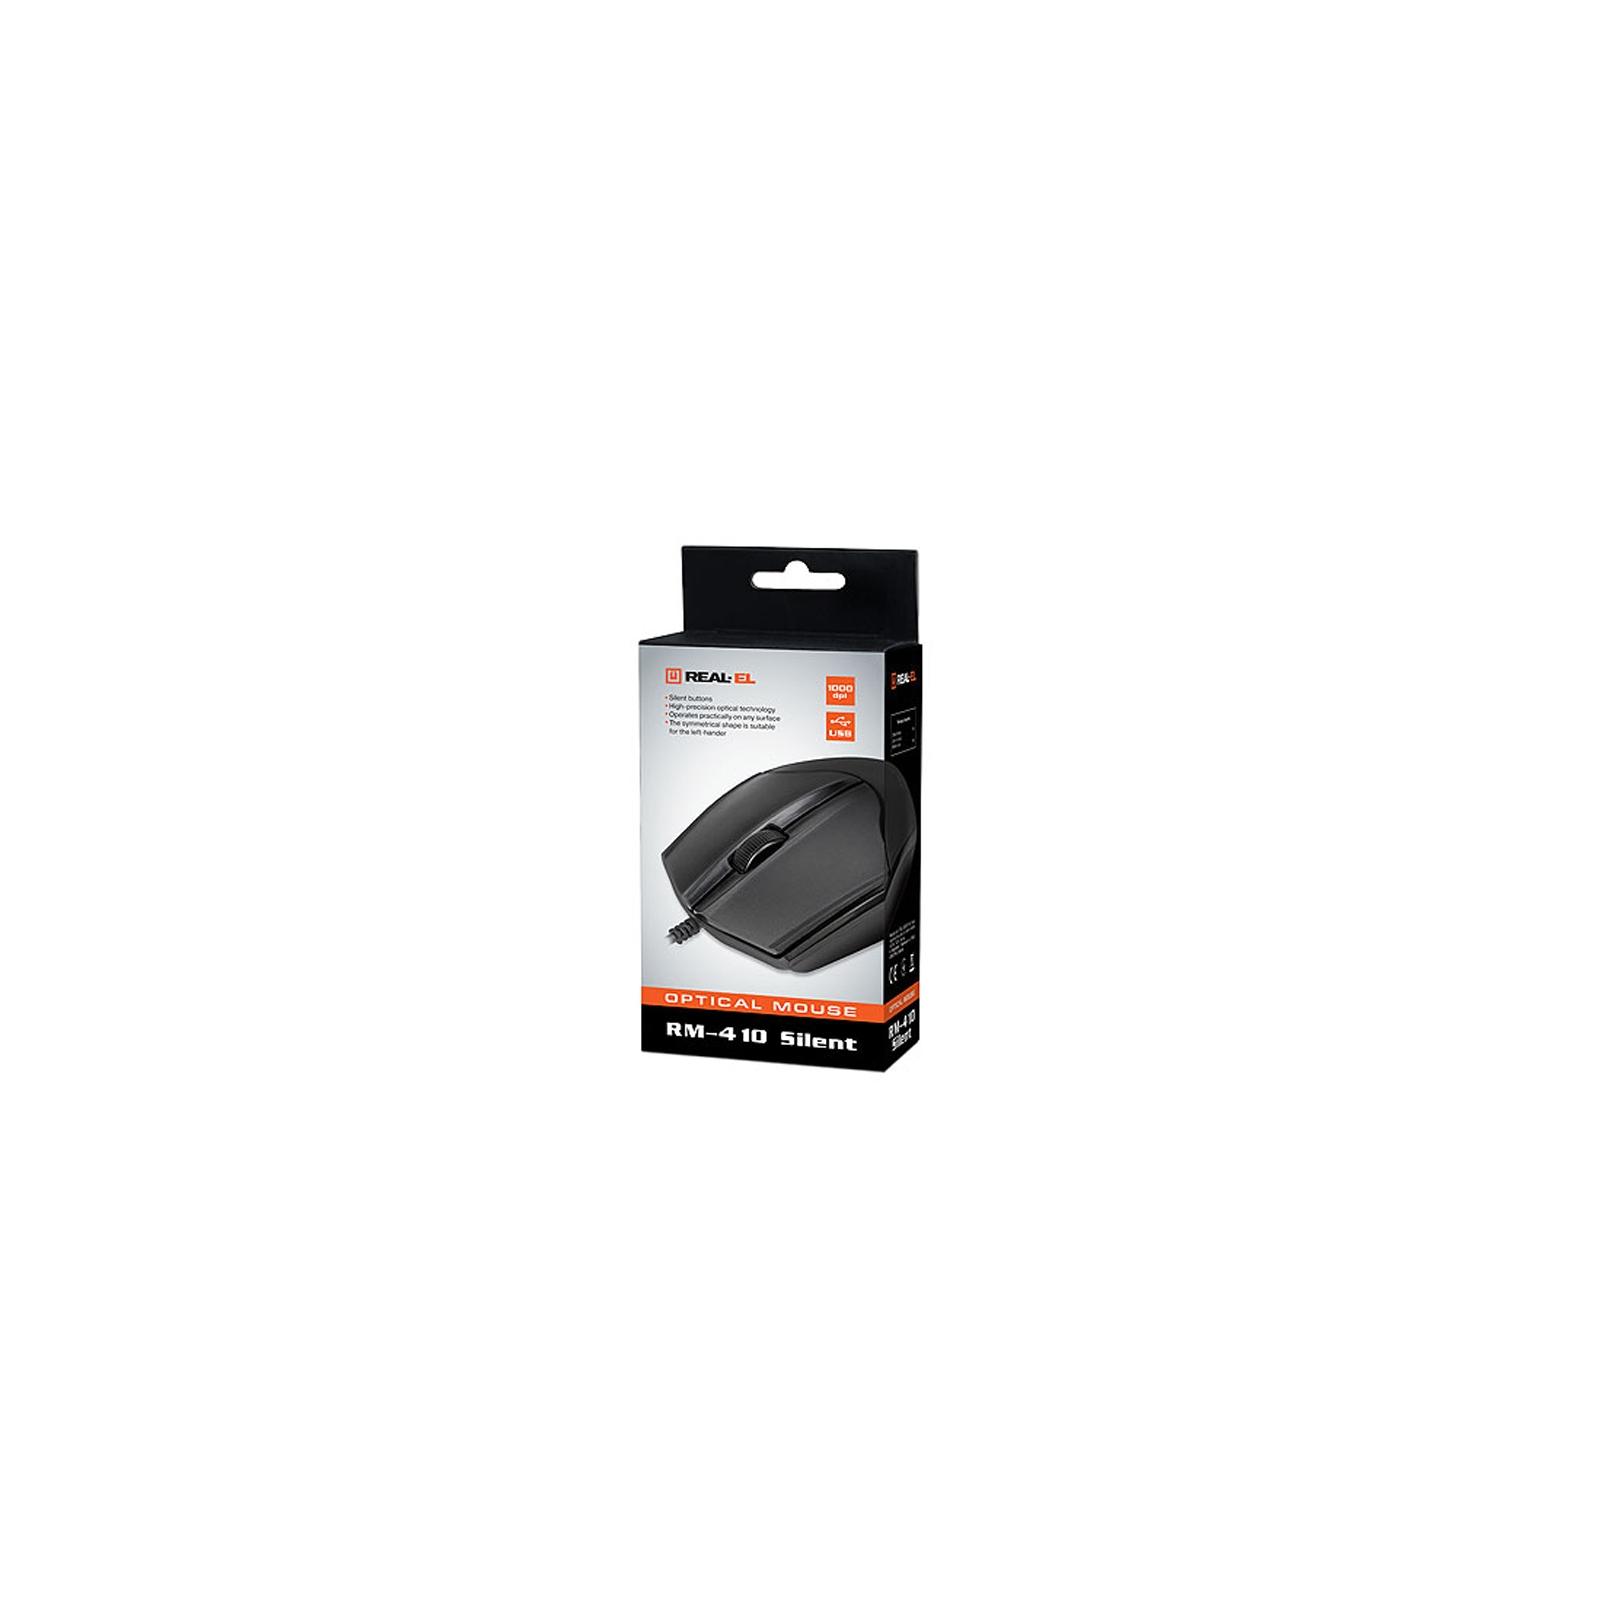 Мышка REAL-EL RM-410 Silent Black изображение 6